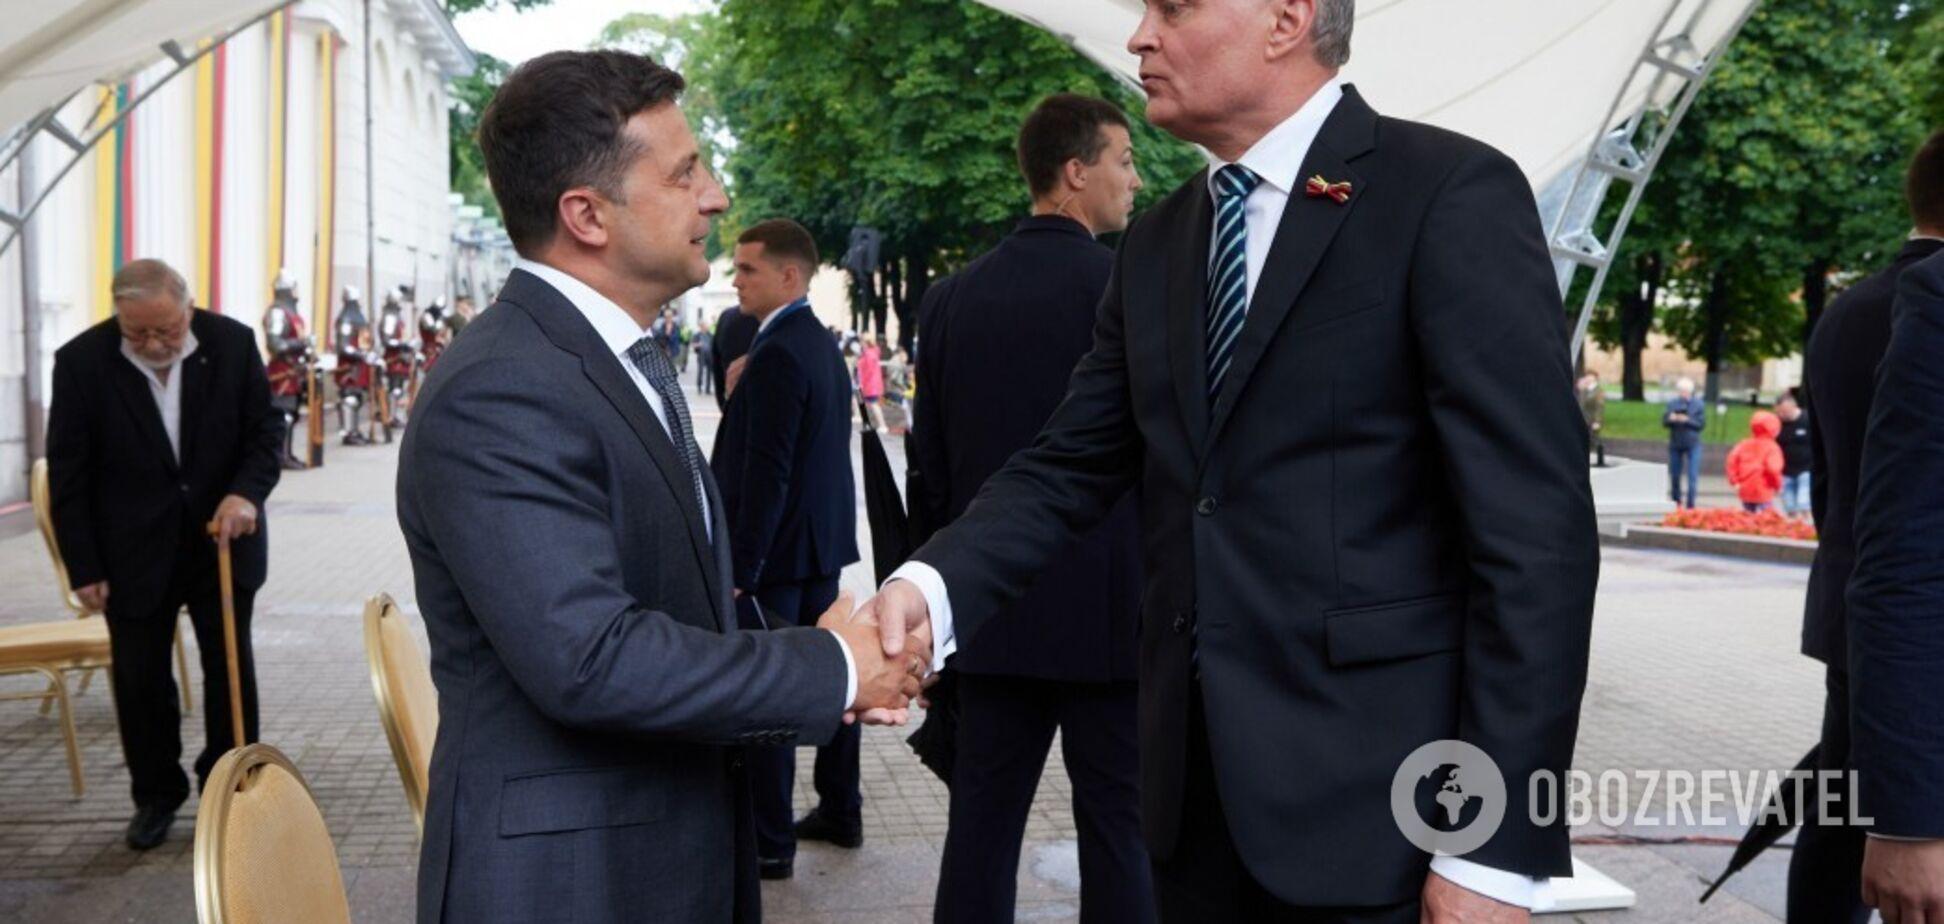 Зеленський під час візиту в Литву: у нас немає спільного кордону, але є спільні цінності й інтереси